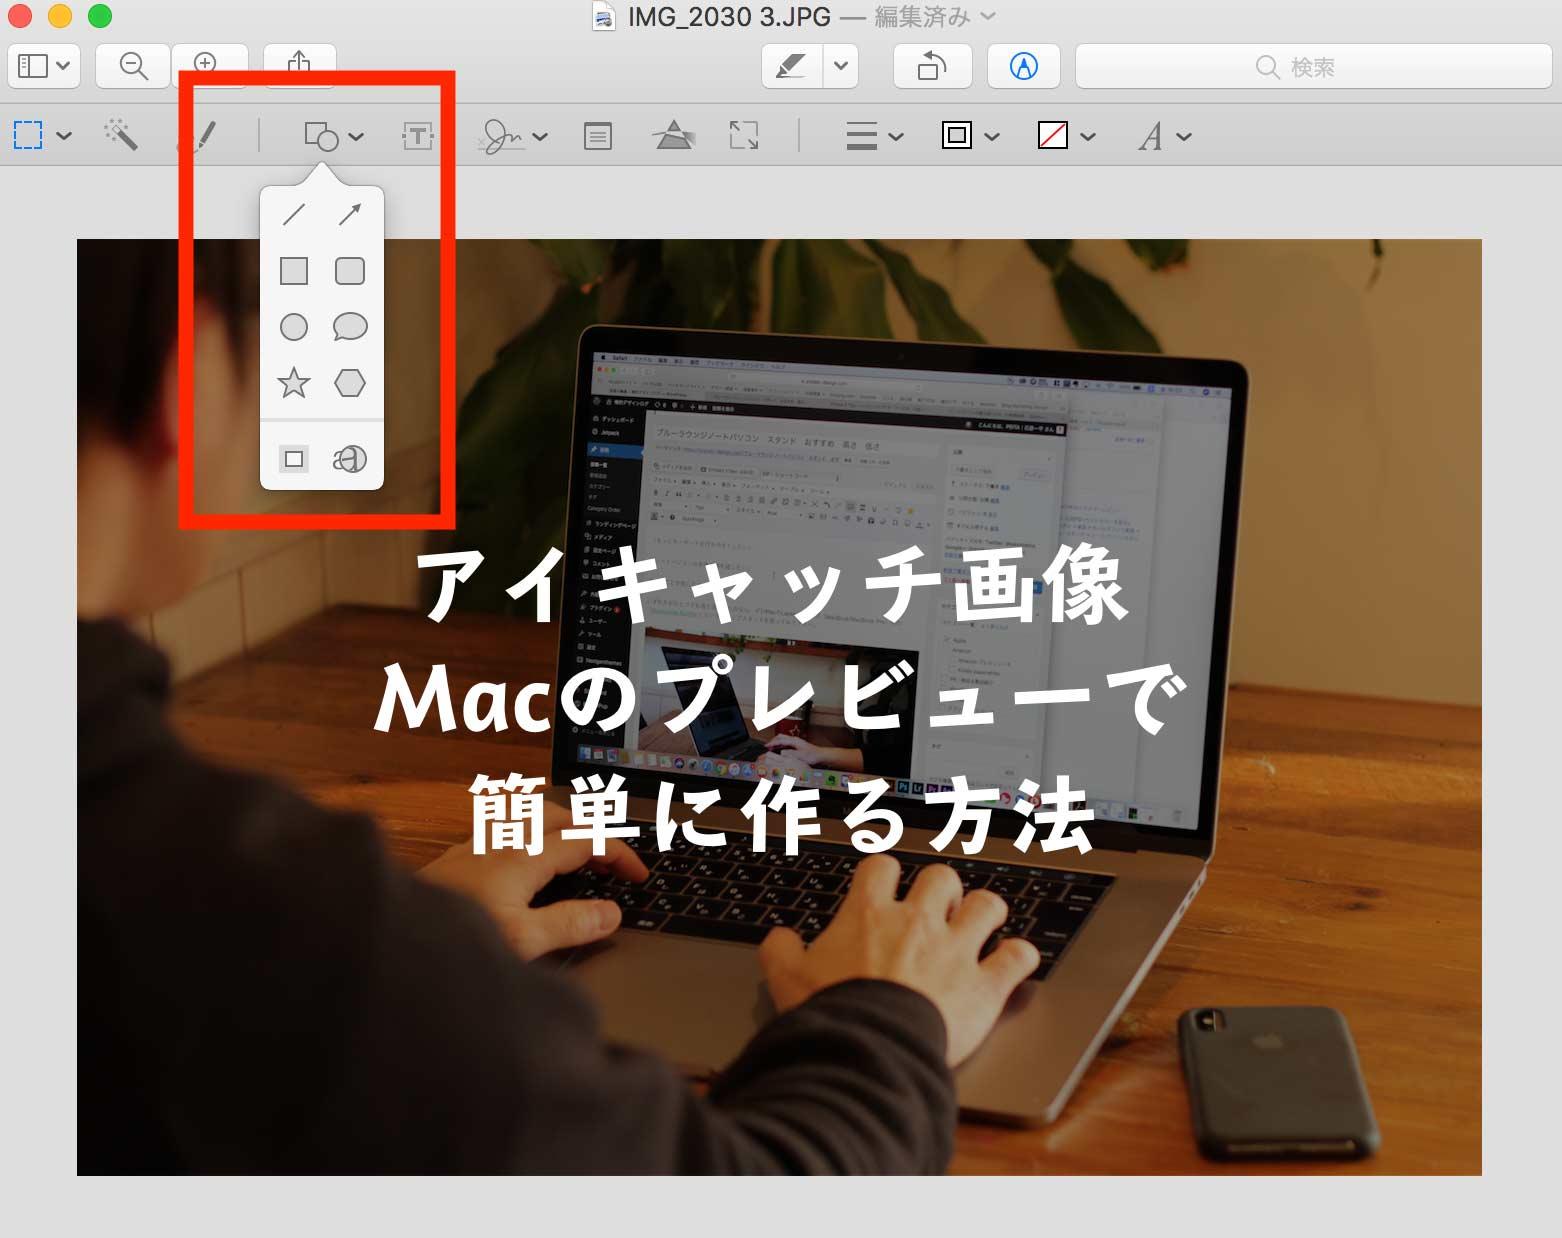 Macのプレビューで画像に図形を挿入している画像